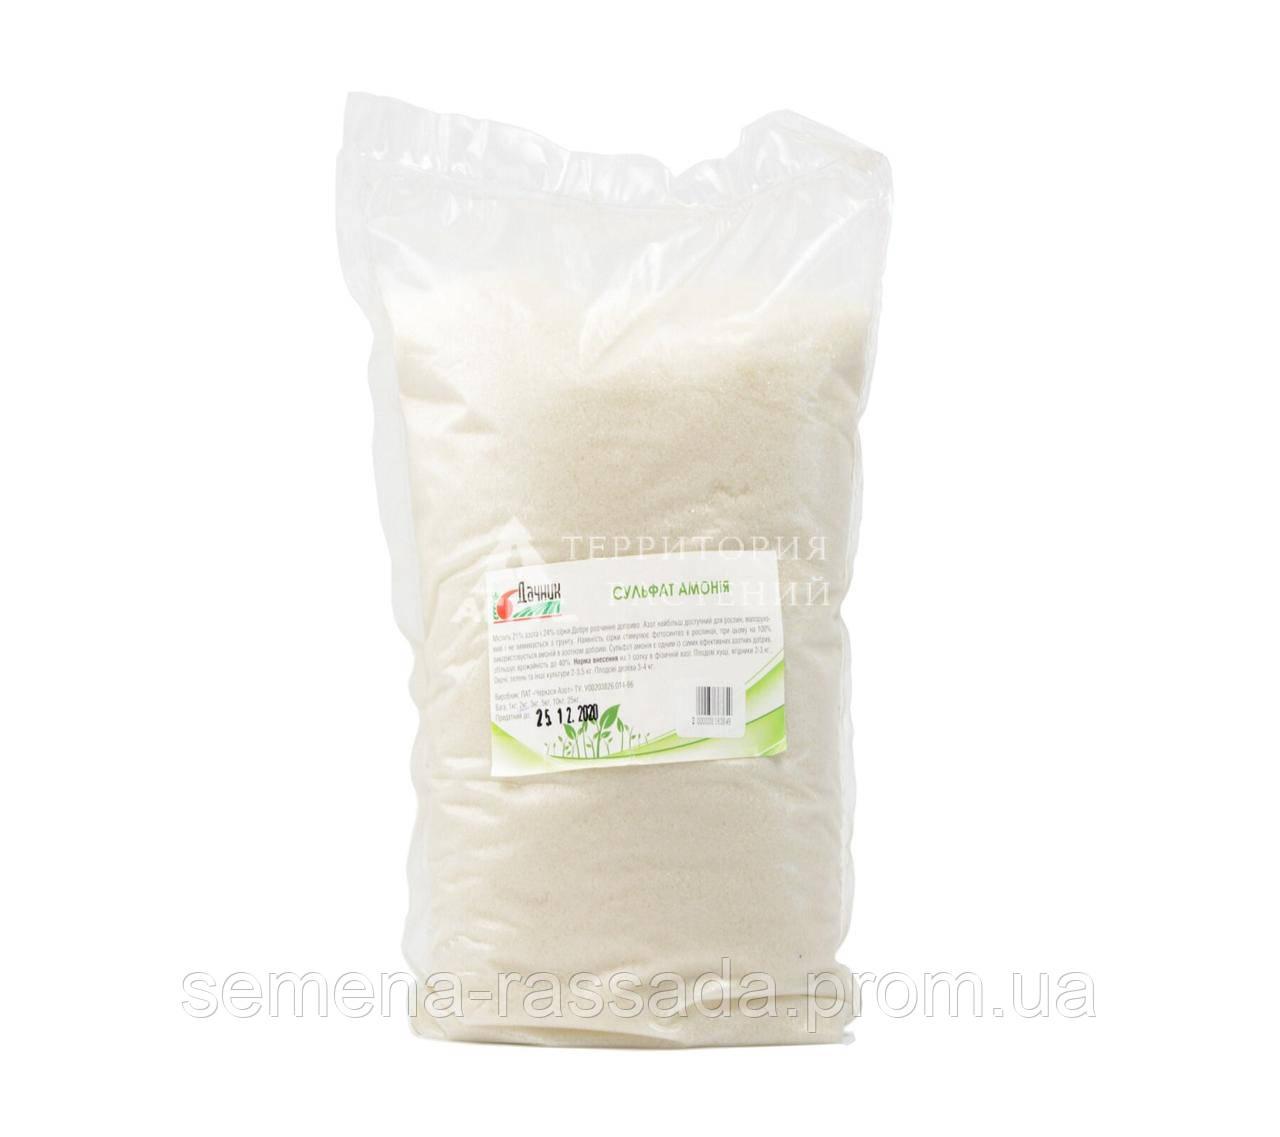 Сульфат амонію, 2 кг